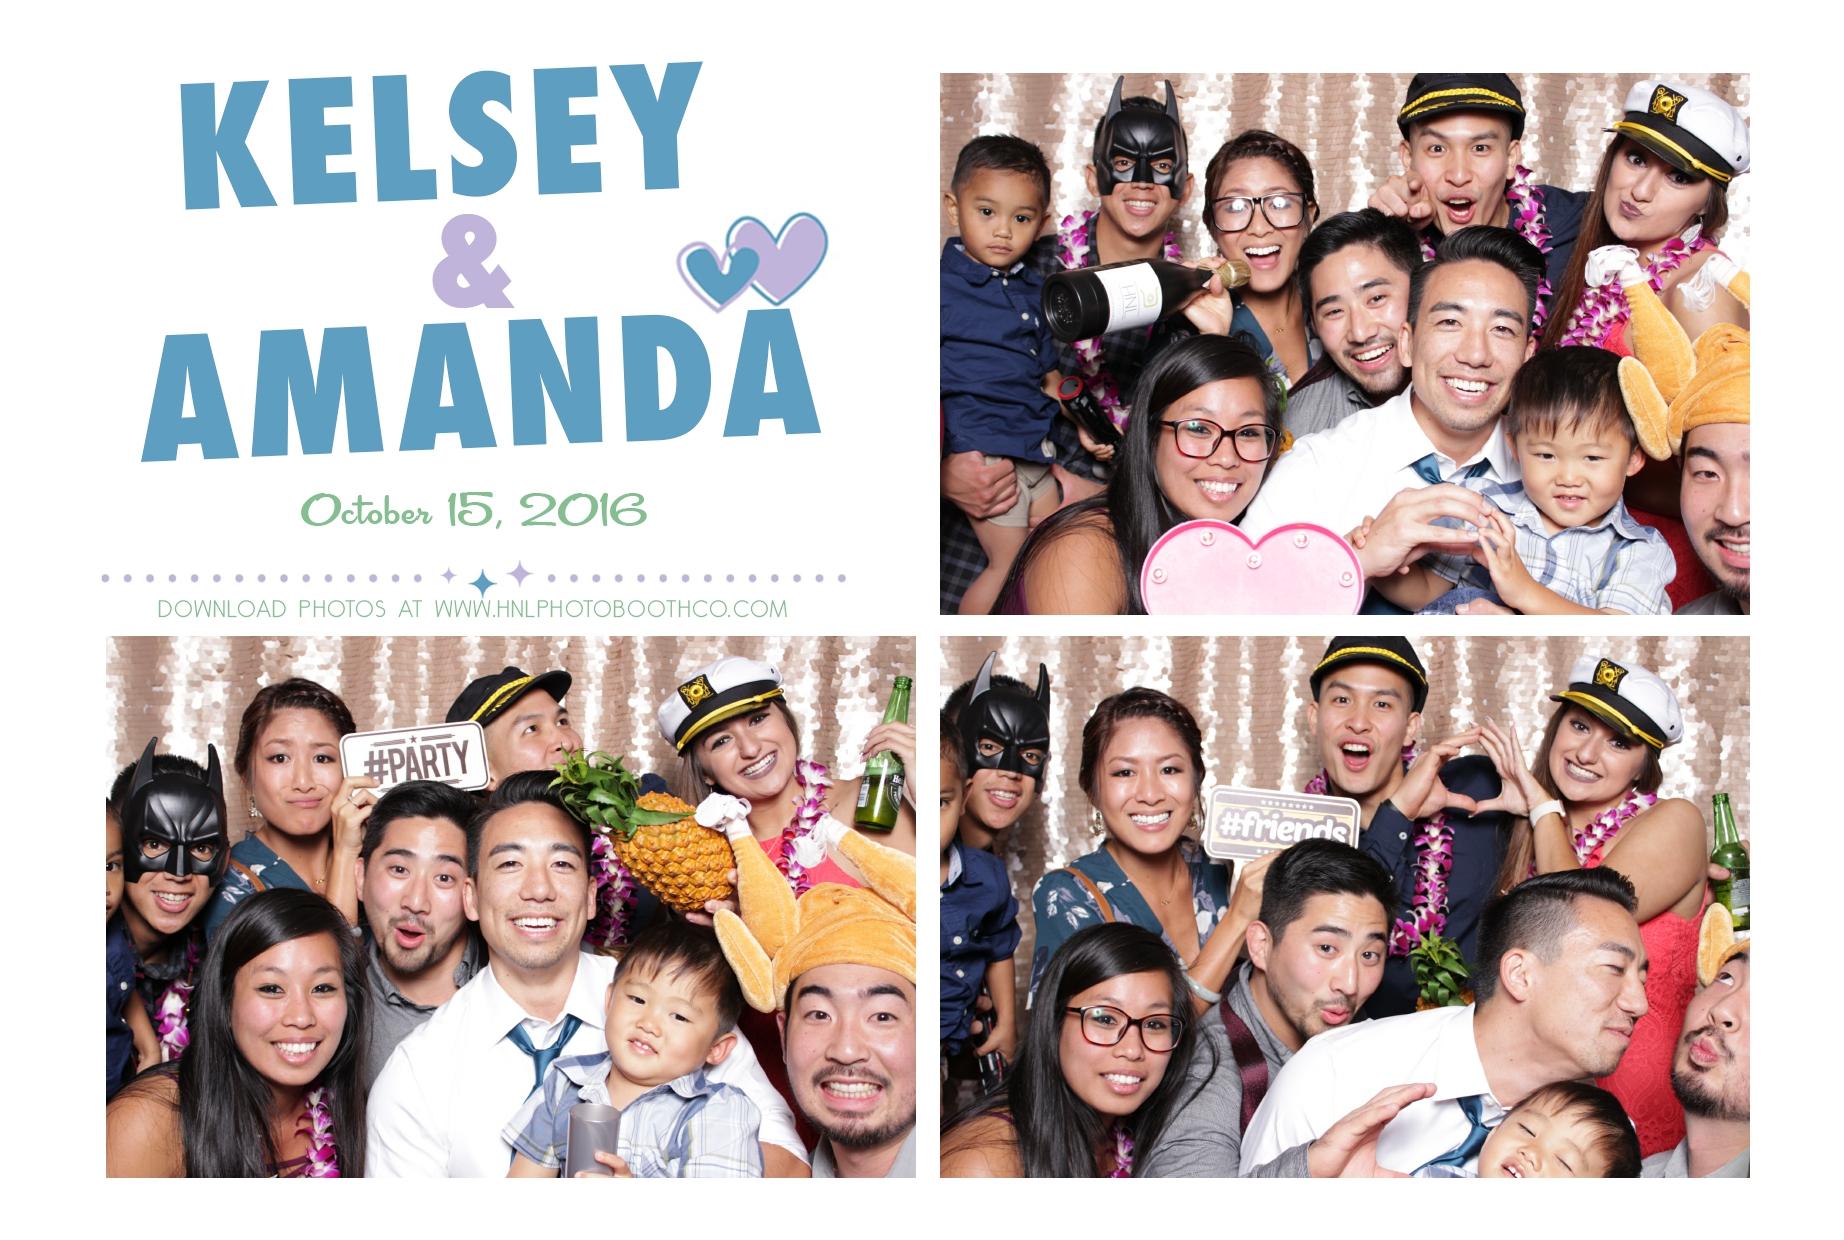 Kelsey and Amanda Wedding Photobooth at the Okinawan Center Waipio Oahu Hawaii (54).jpg